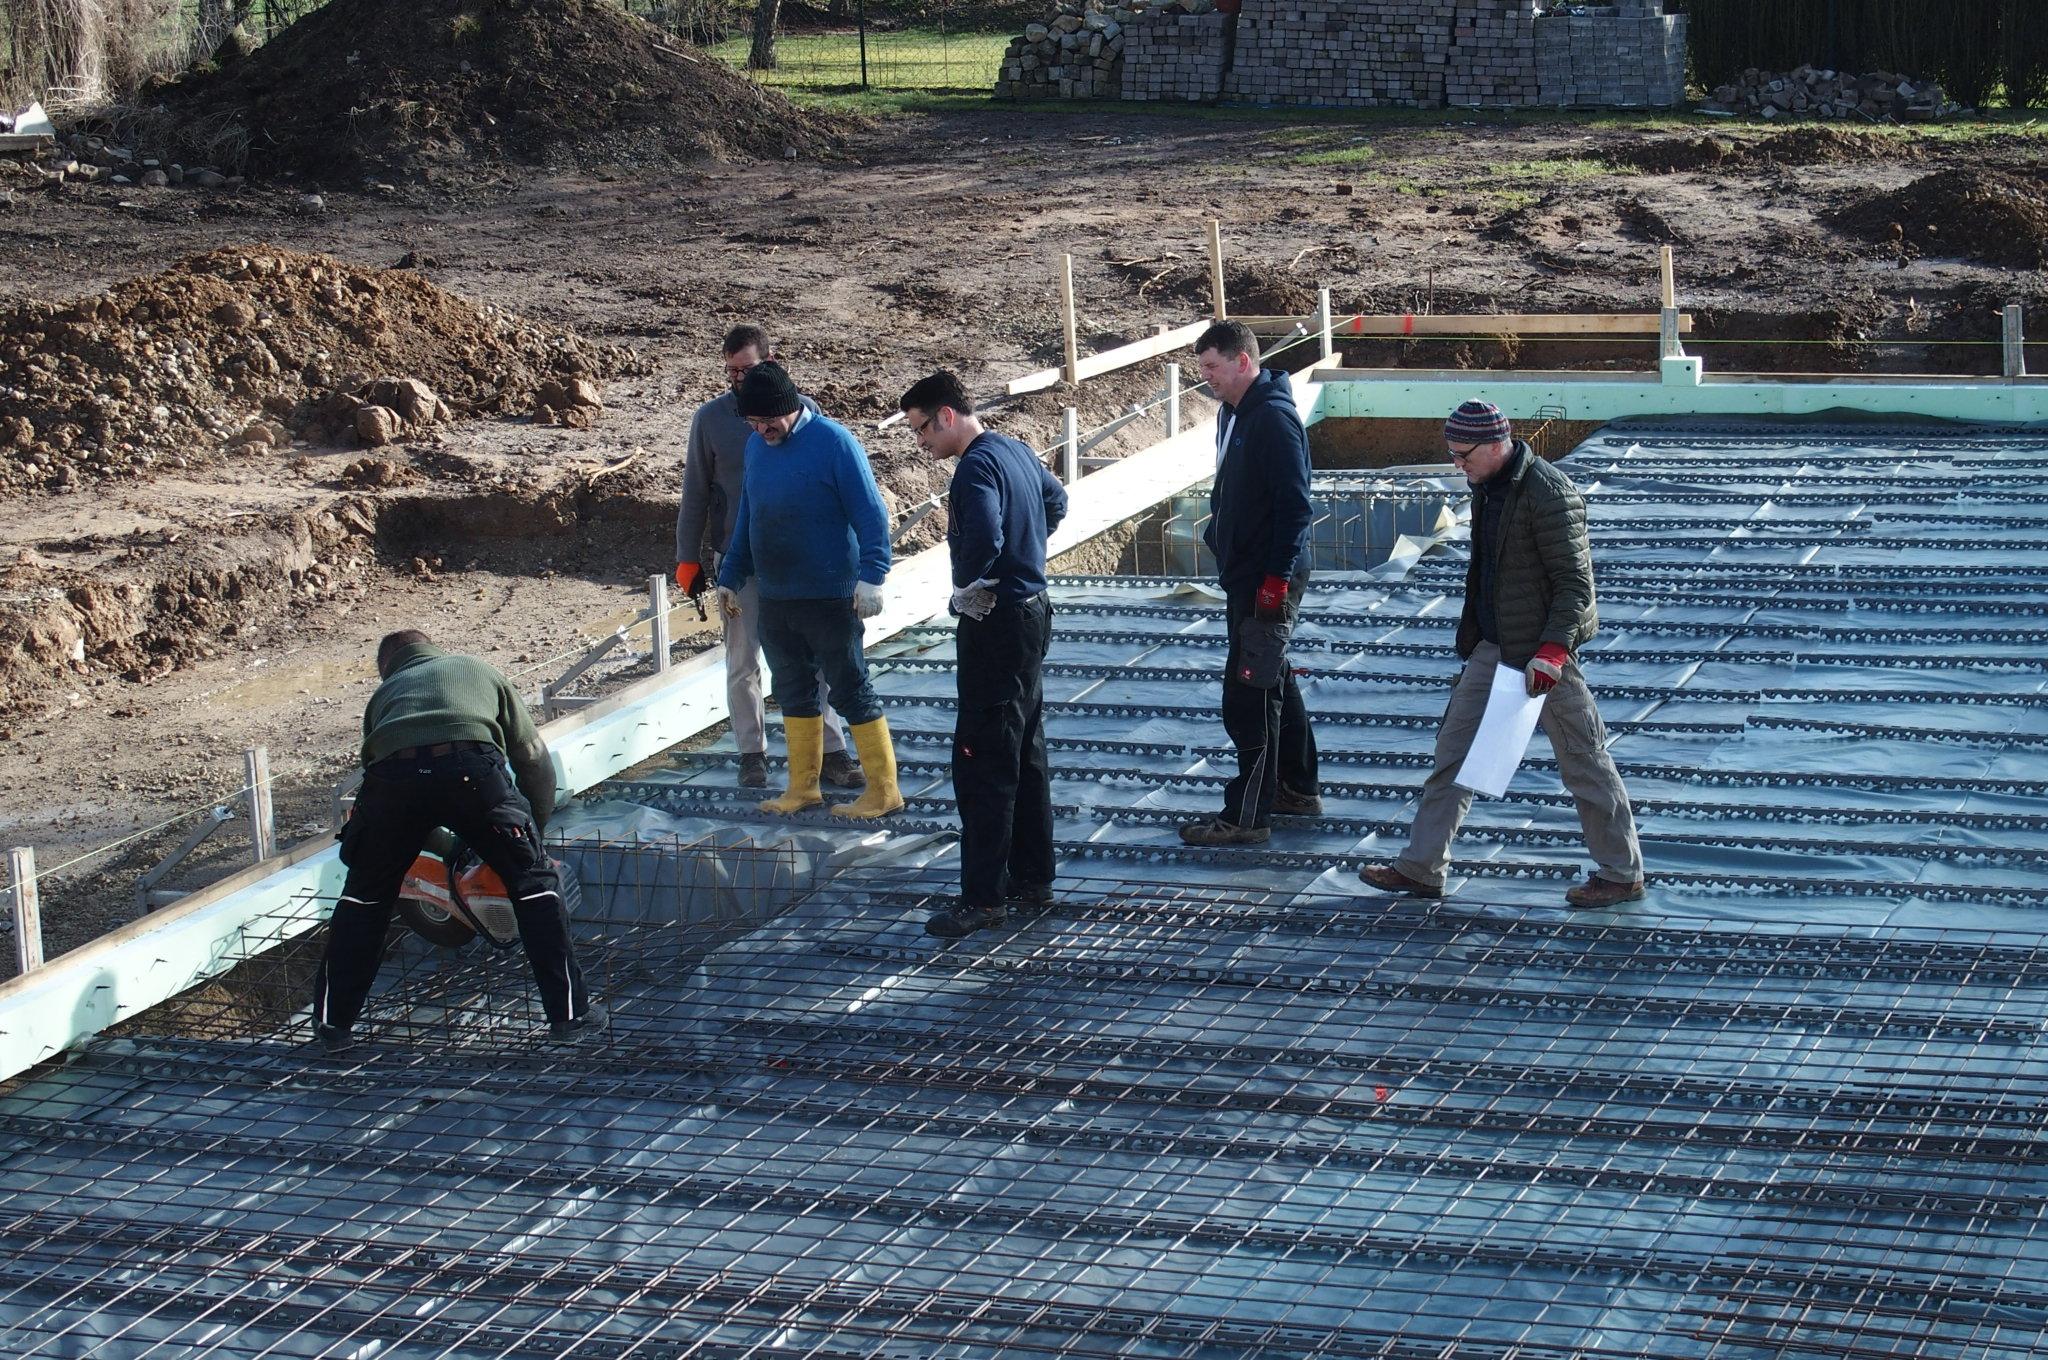 Viele helfende Hände bereiten Bodenplatte vor